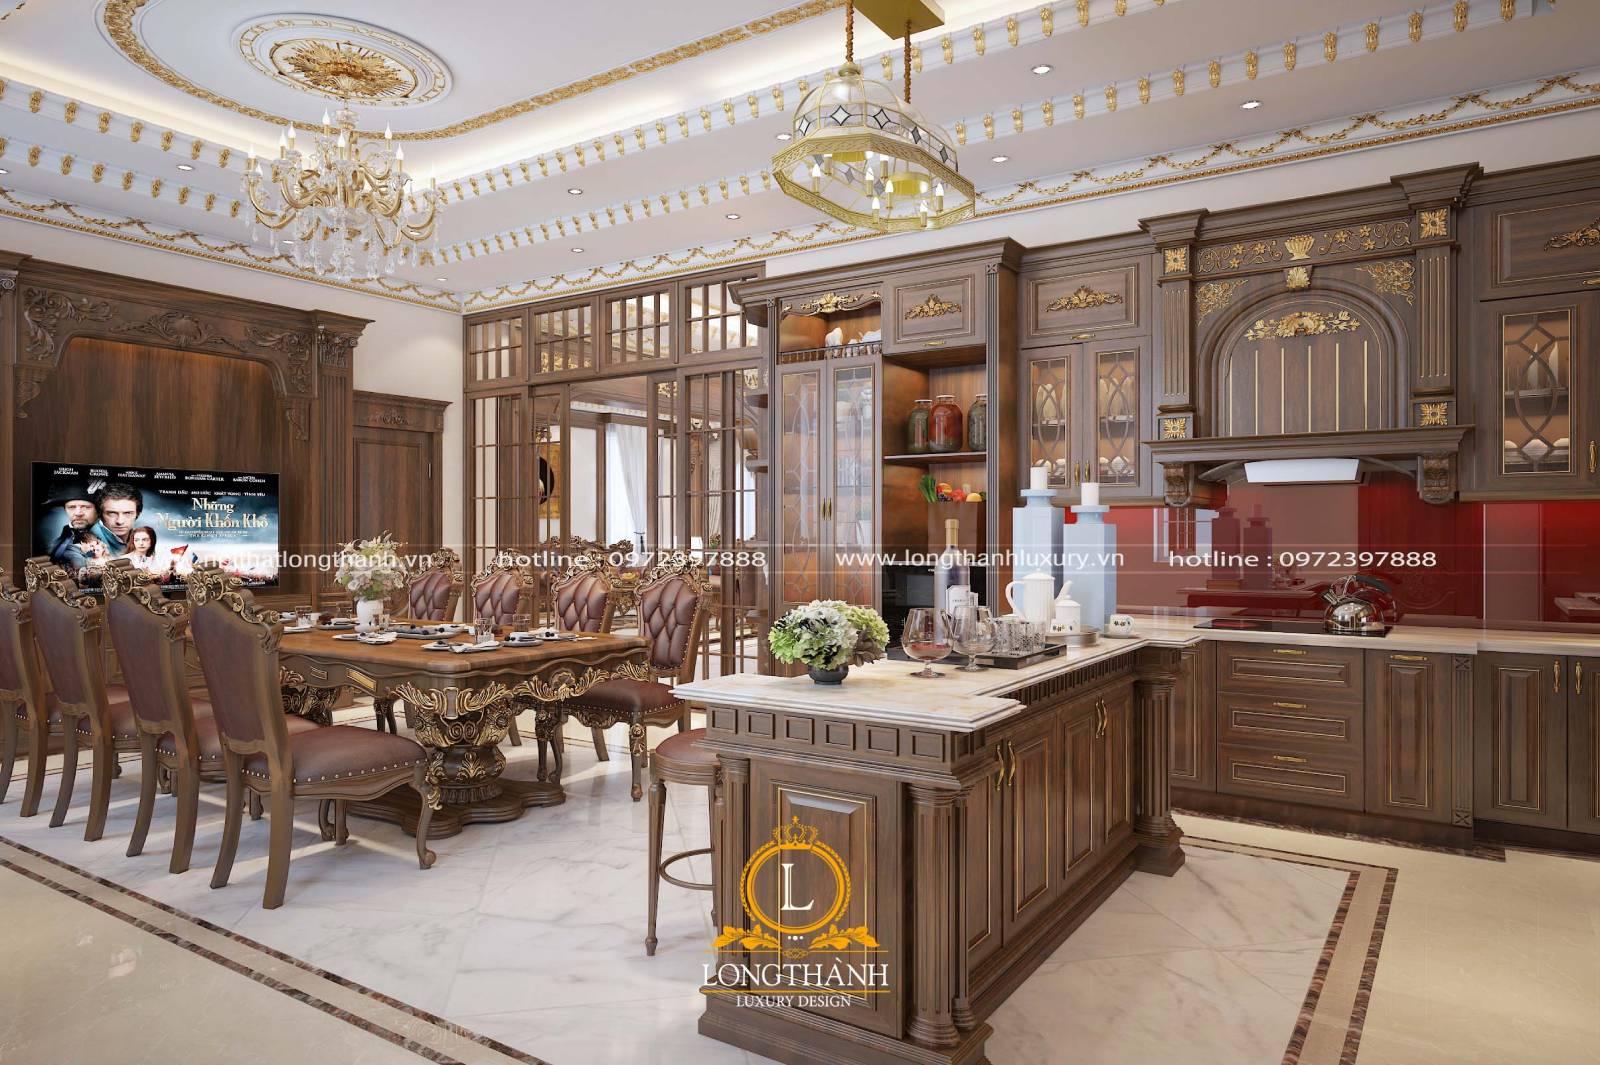 Thiết kế tủ bếp gỗ Gõ LT05 hình chữ L tân cổ điển mạ vàng sang trọng